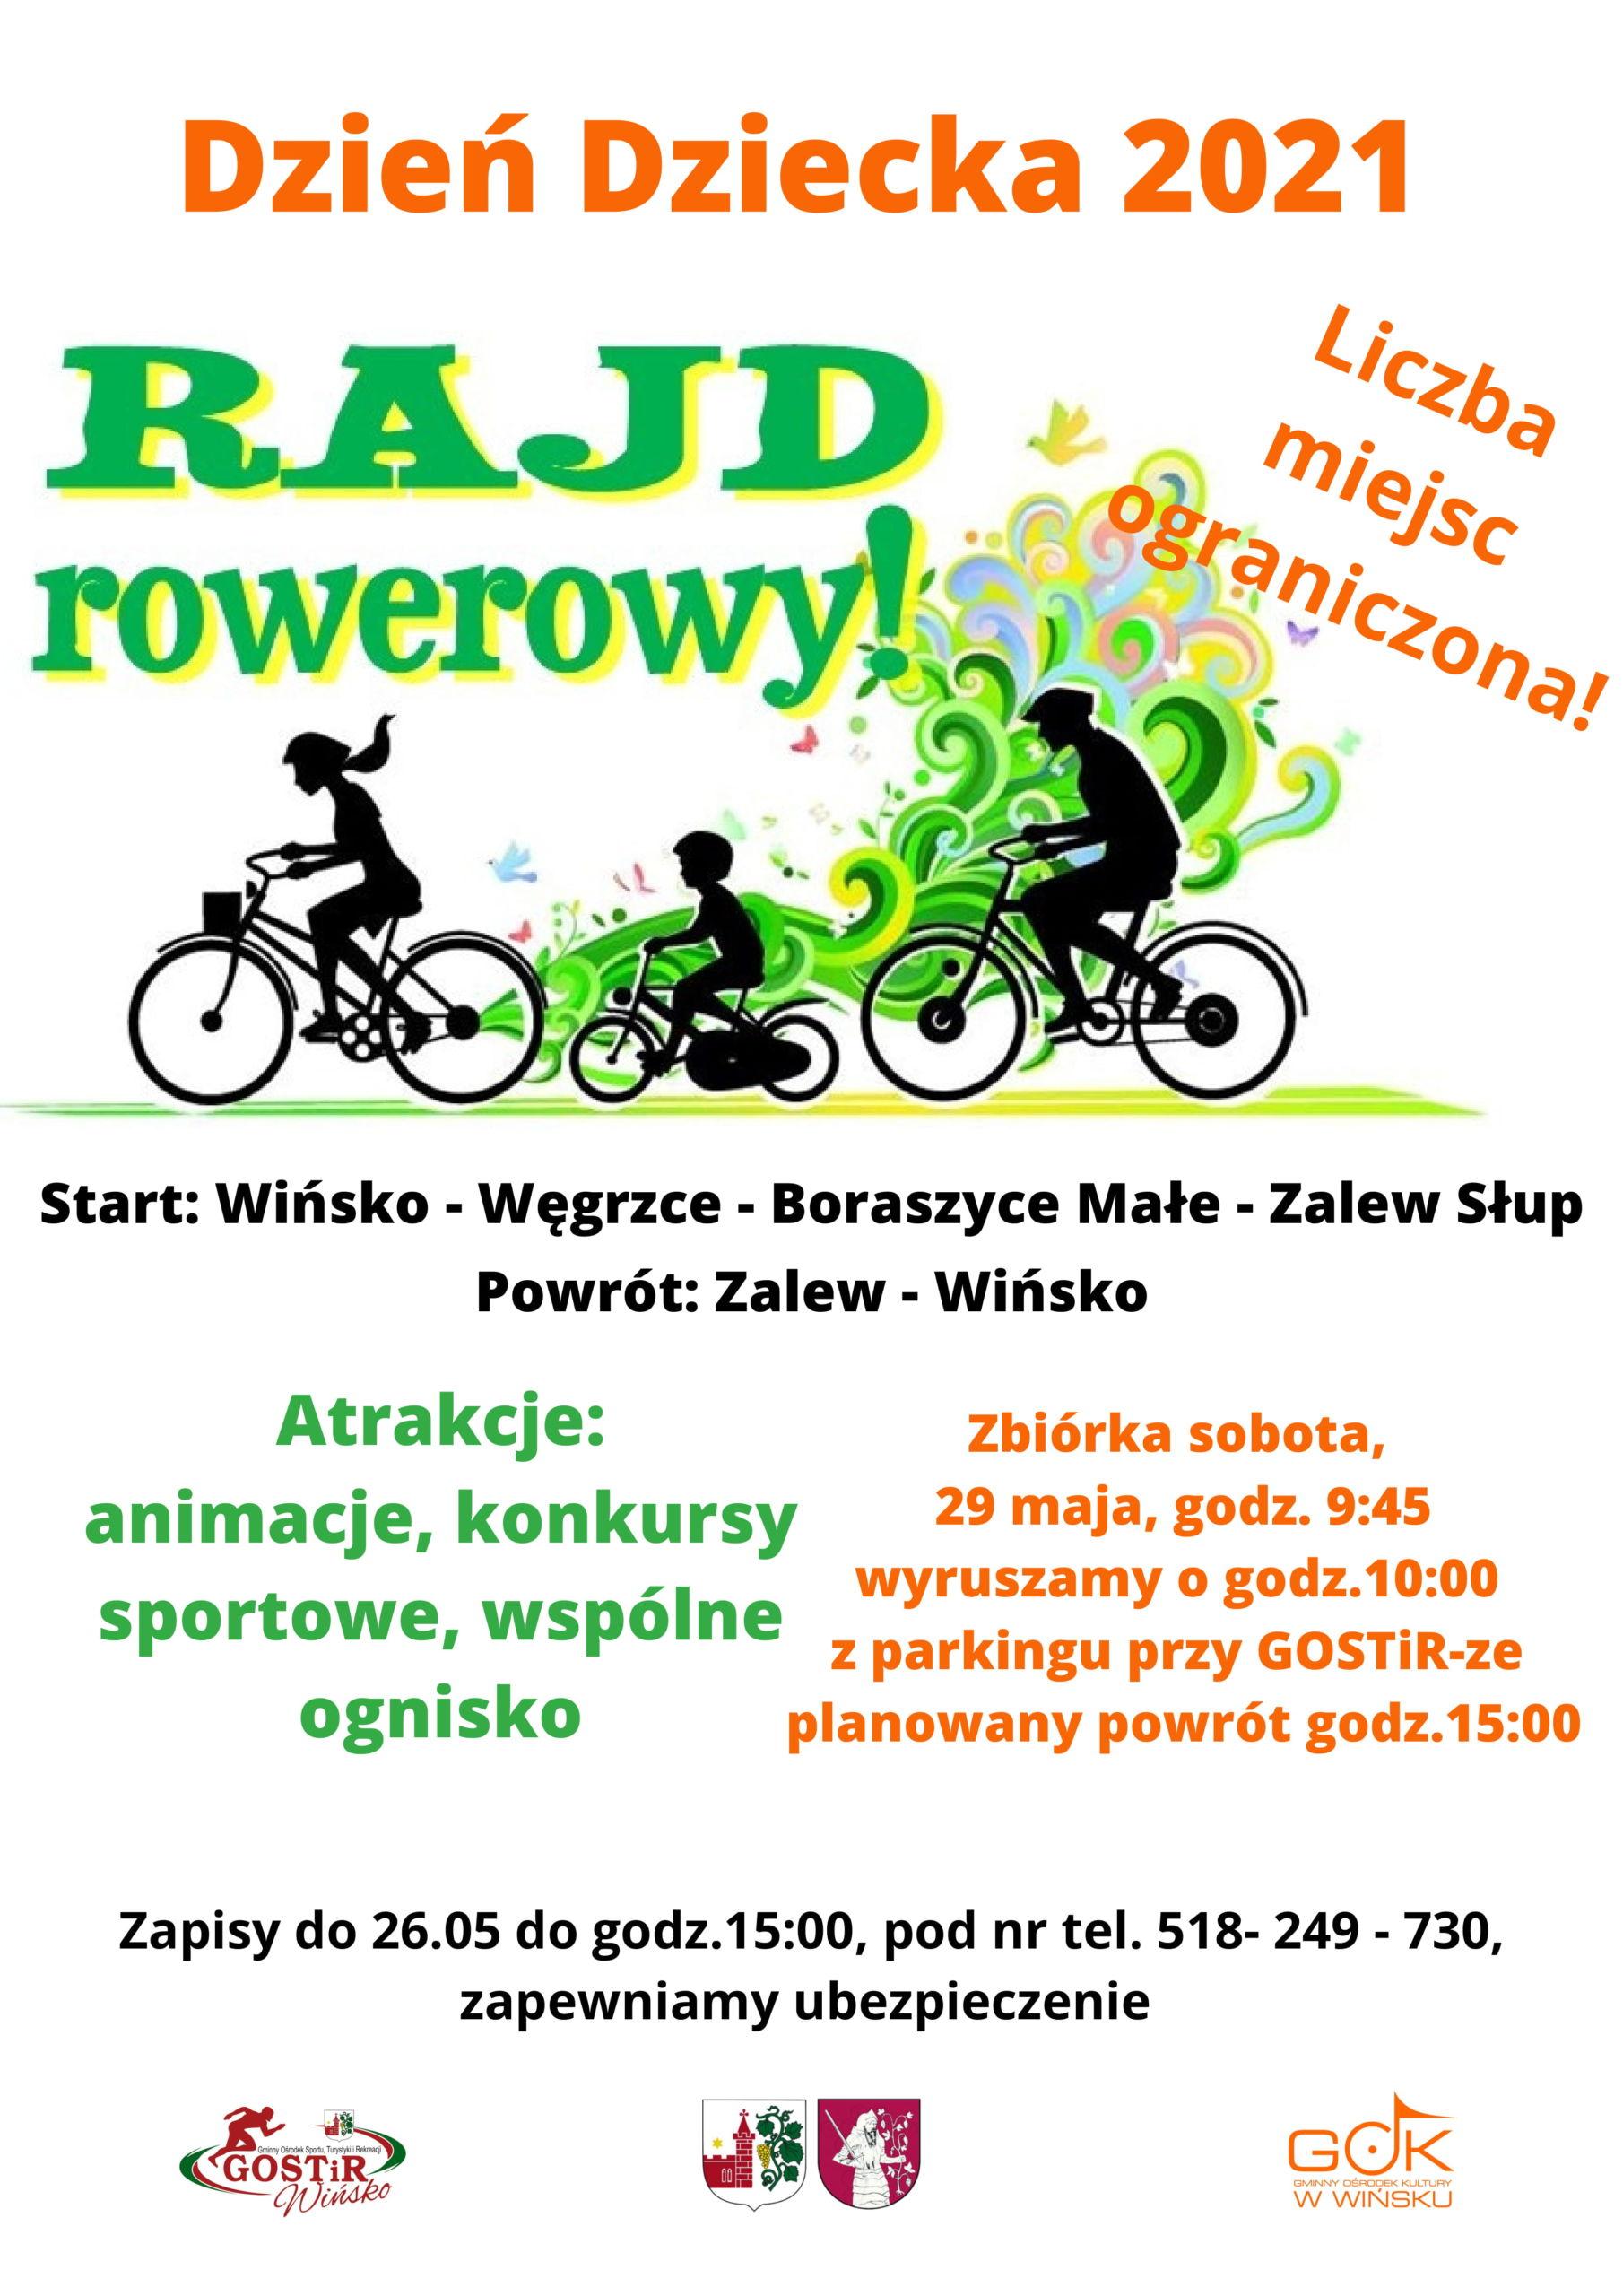 Plakat promujący Rajd Rowerowy na Dzień Dziecka.